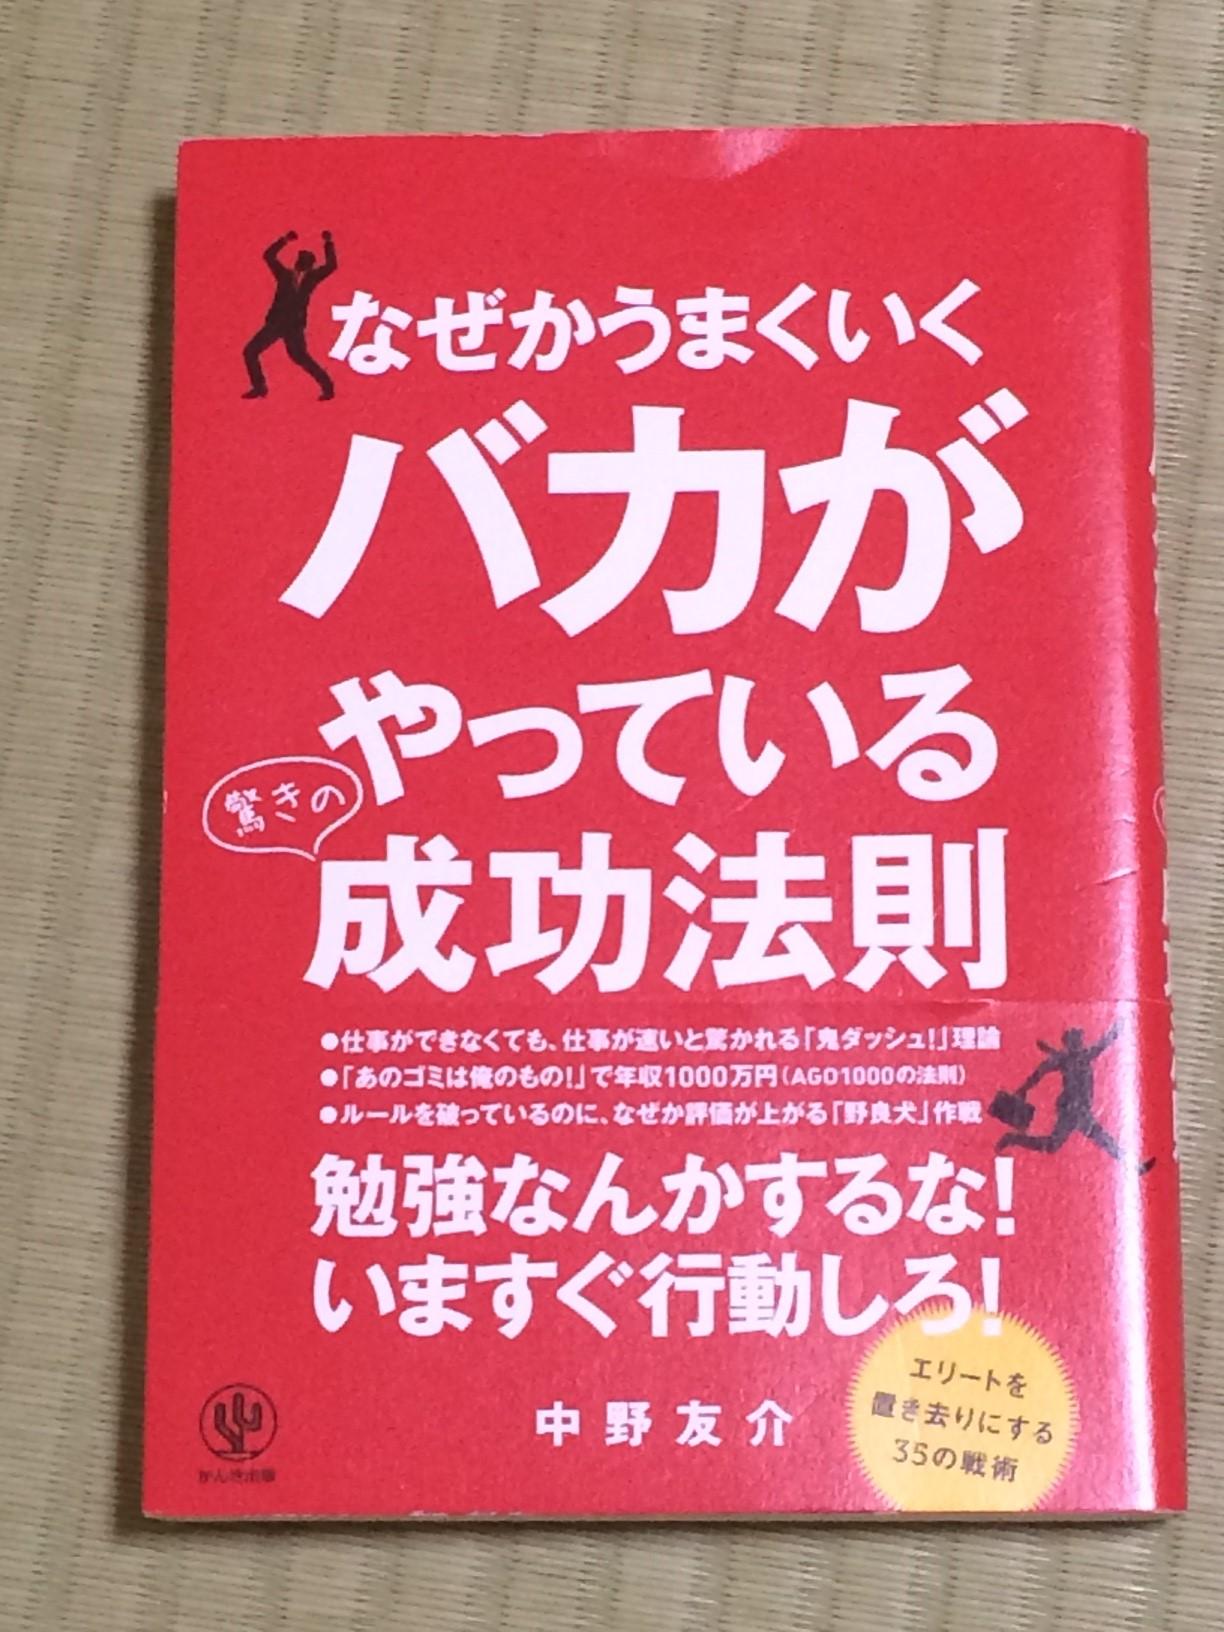 機材商の営業マンさんにオススメの本です!!